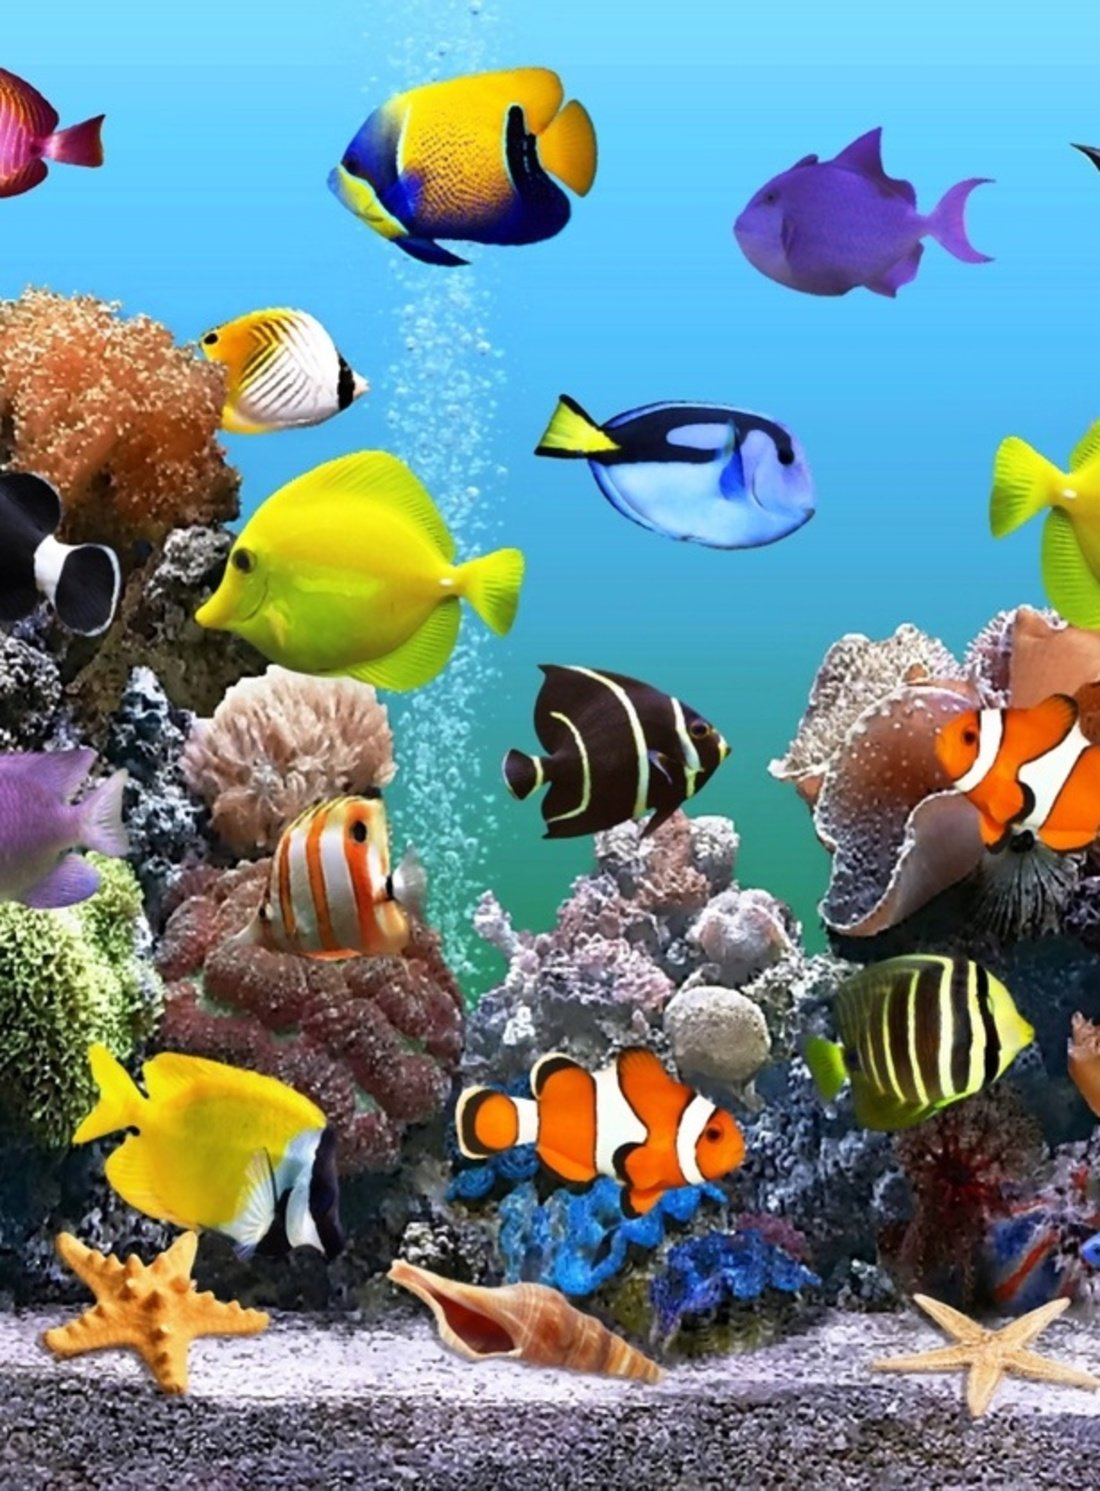 все движущаяся картинка с рыбками на телефон он, словам